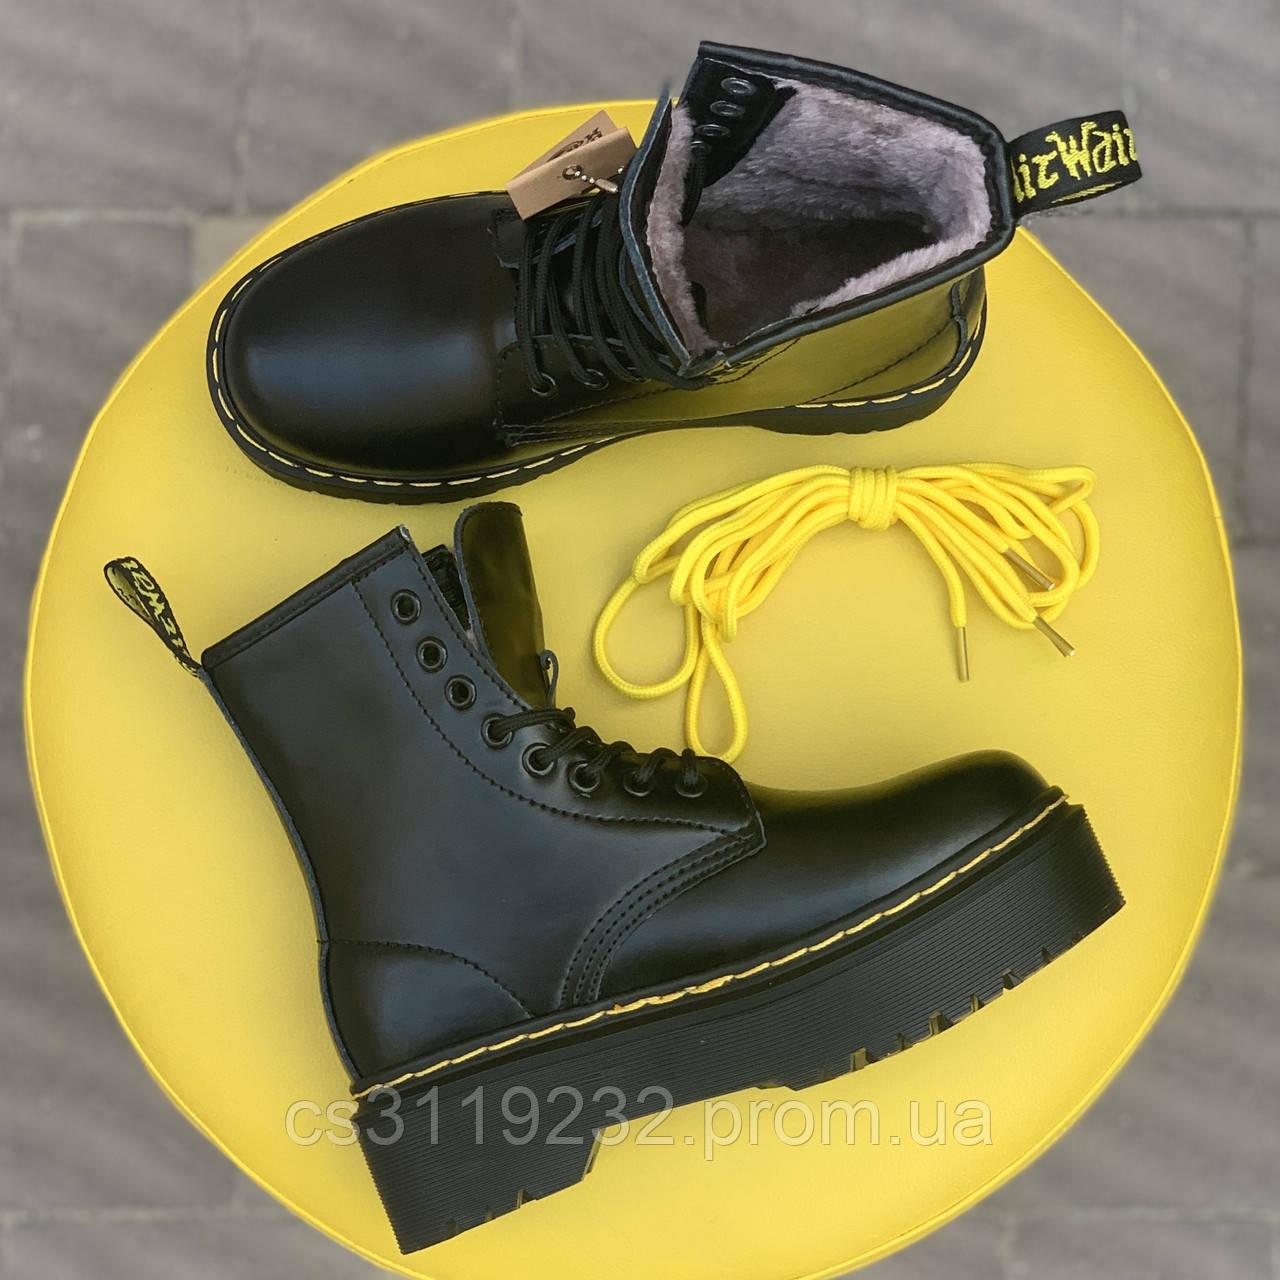 Жіночі черевики зимові Dr.Martens Bex (хутро) (чорний)